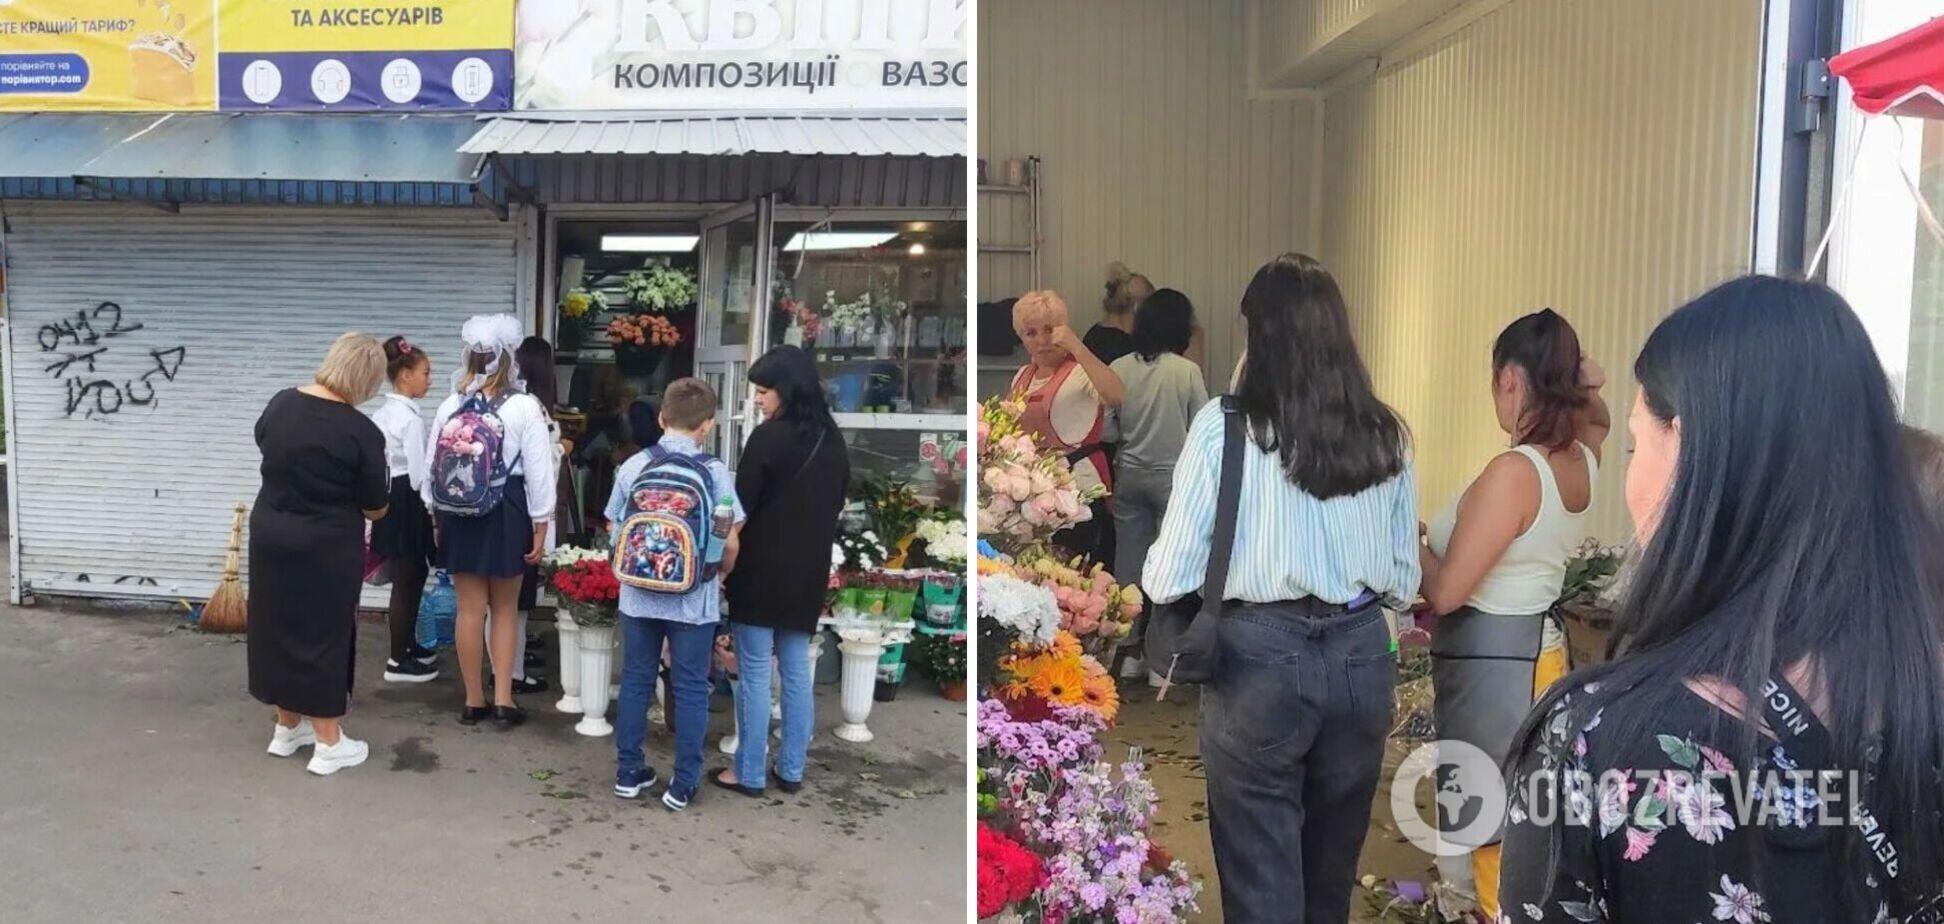 Продавці квітів підняли ціни 1 вересня: українці розділилися в думках, чи потрібні букети вчителям